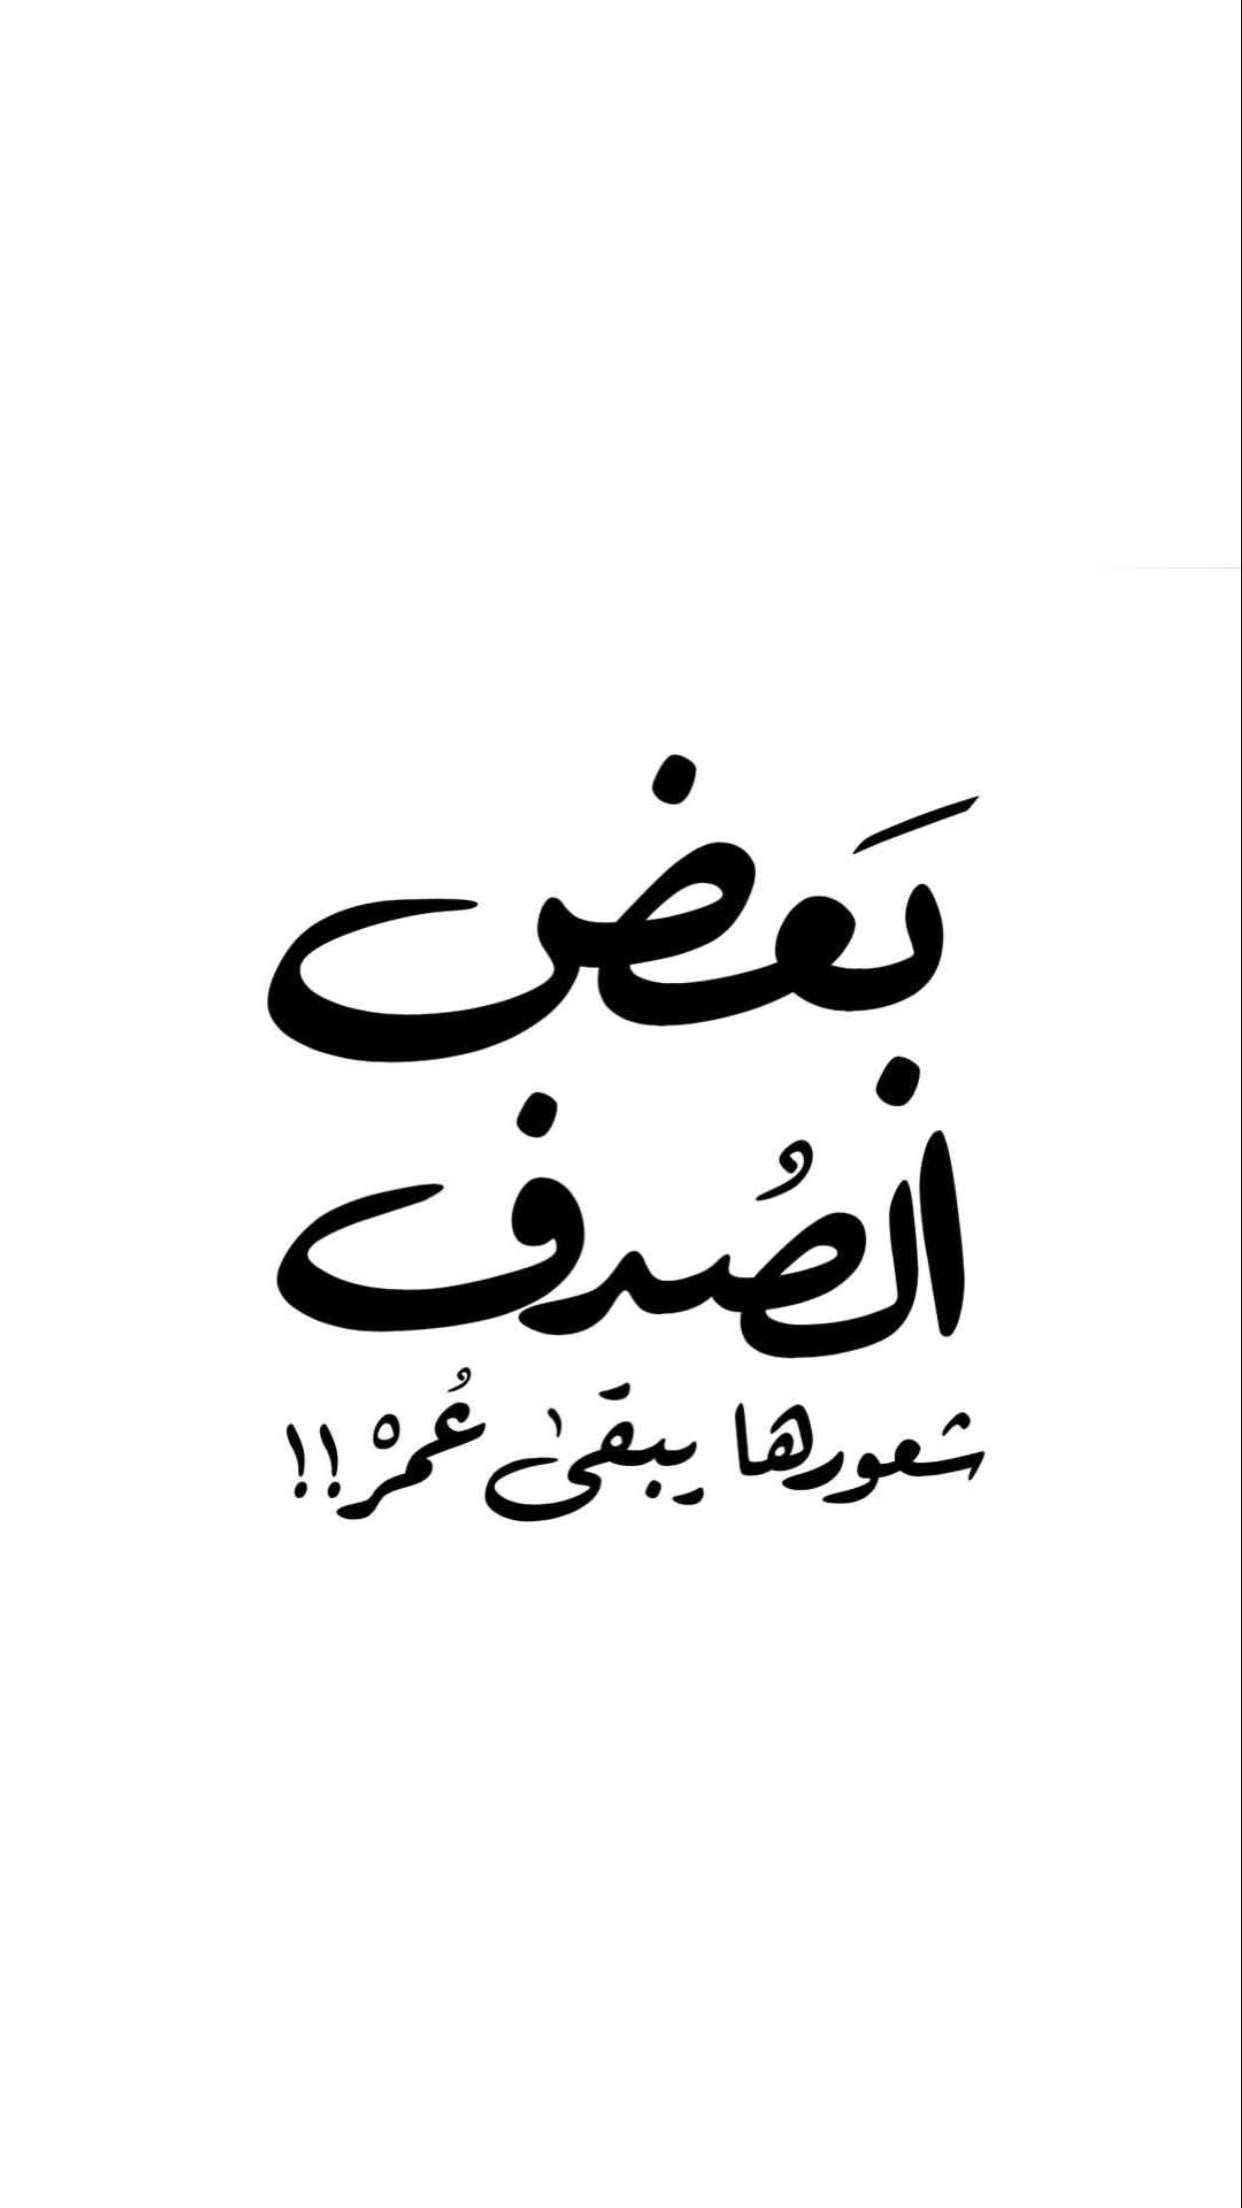 ف ـع ل أ Friends Quotes Words Quotes Funny Arabic Quotes